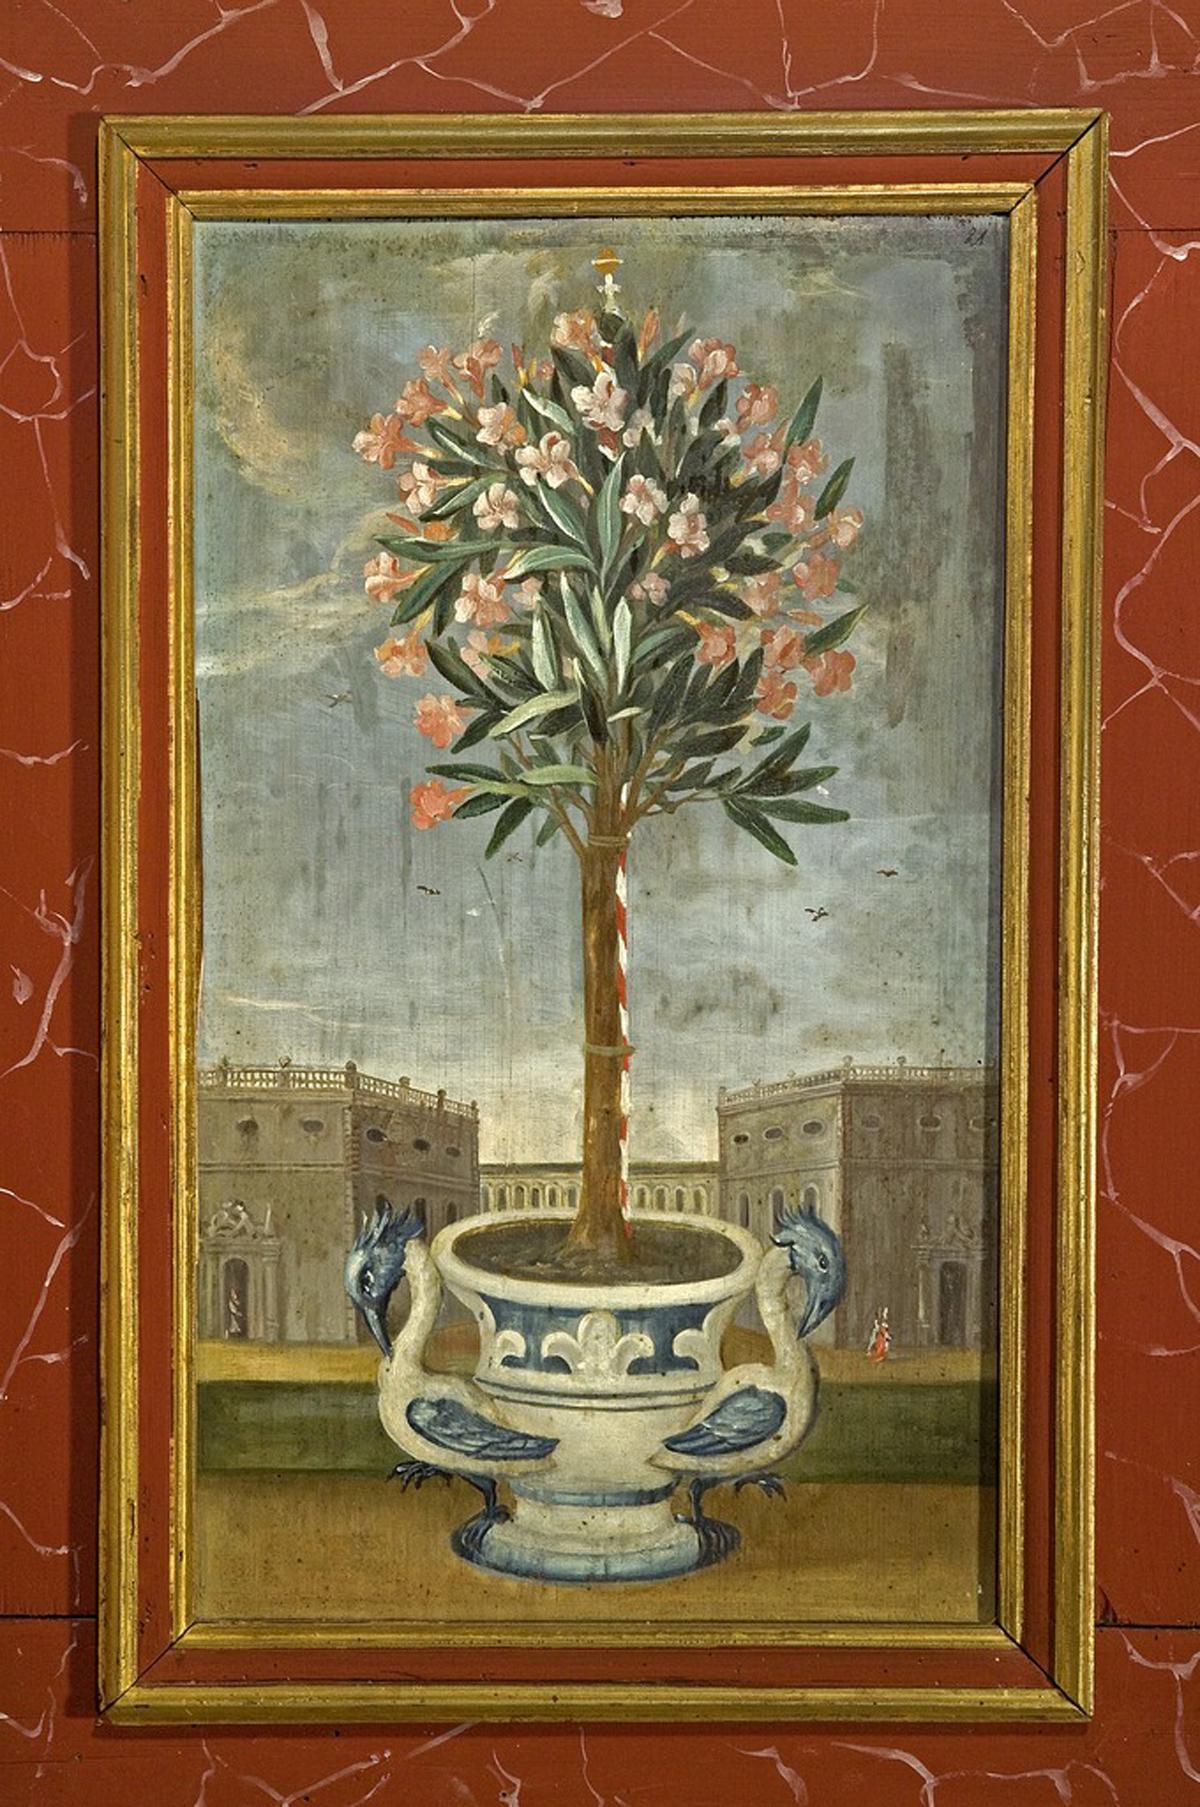 Oleander, Lambrisbild im Rittersaal, Schloss Weikersheim; Foto: Landesmedienzentrum Baden-Württemberg, Arnim Weischer